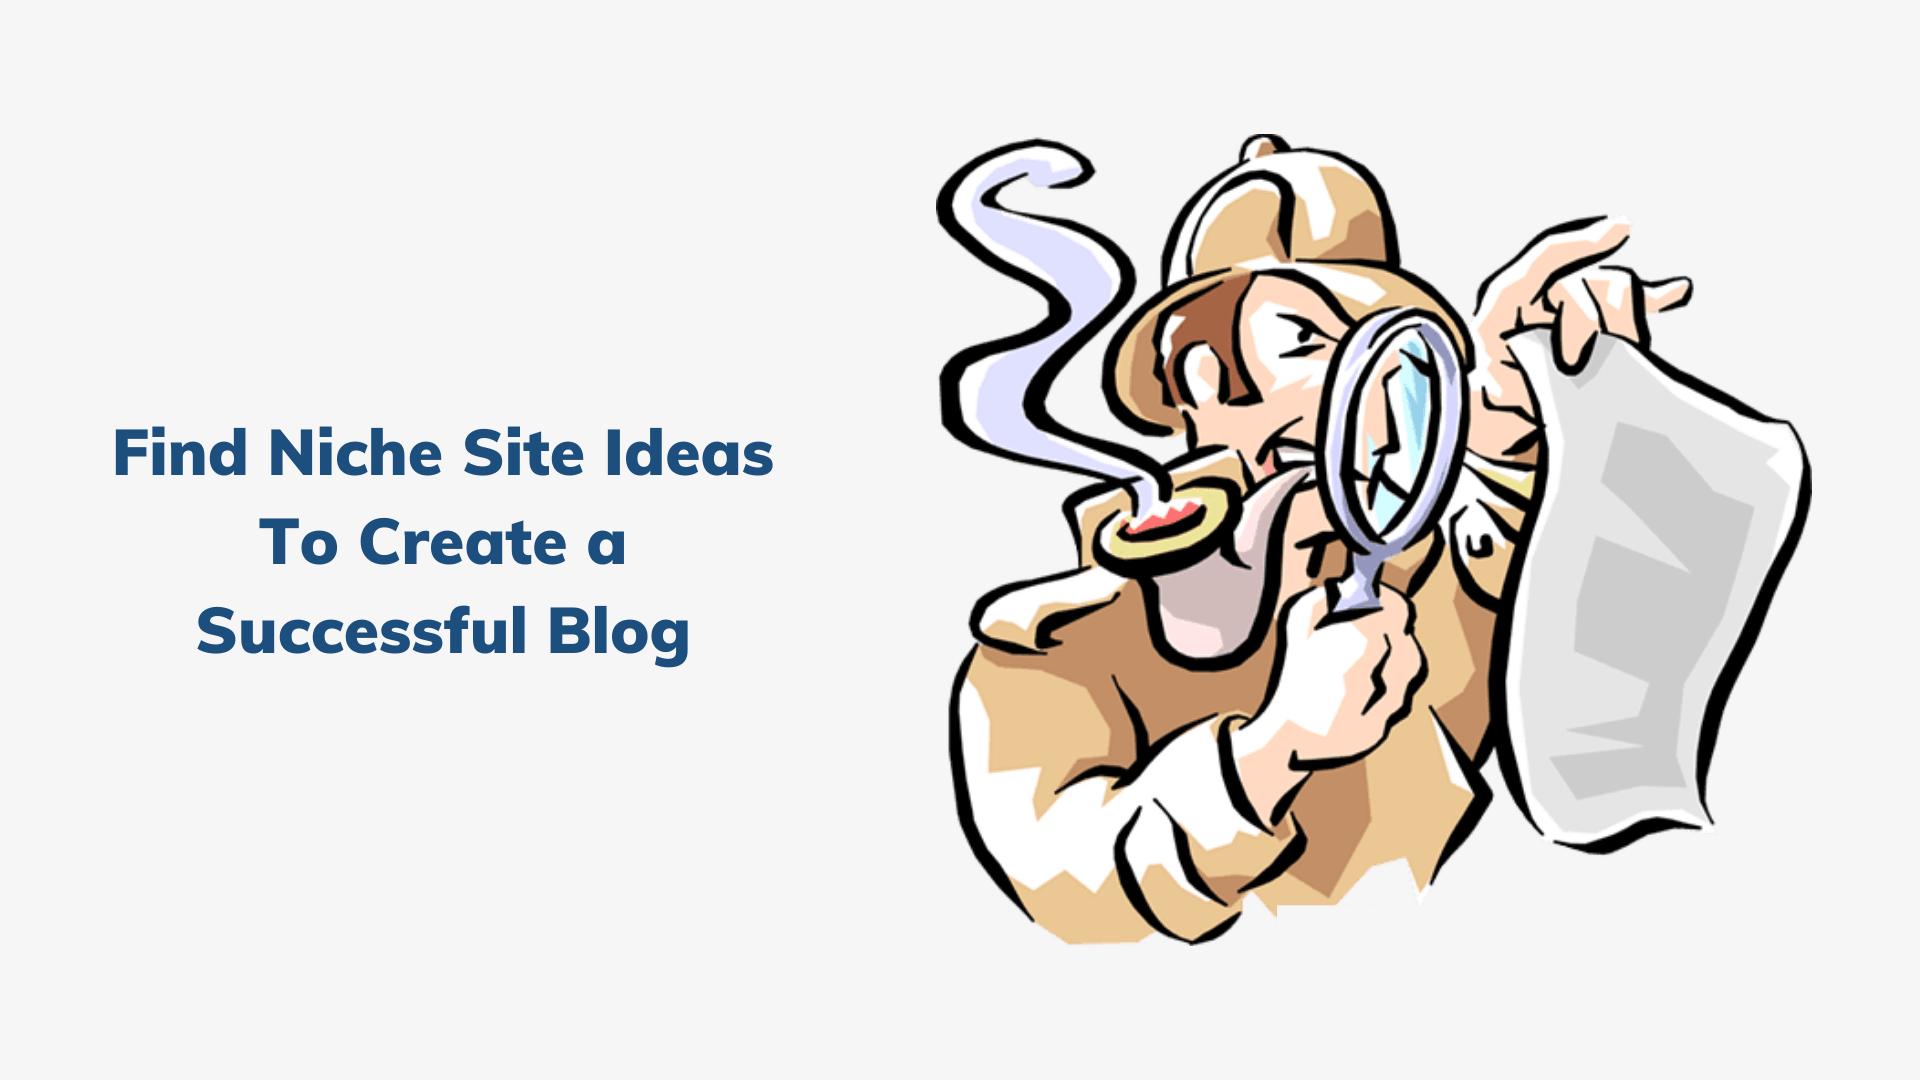 find-niche-site-ideas-to-create-a-successful-blog